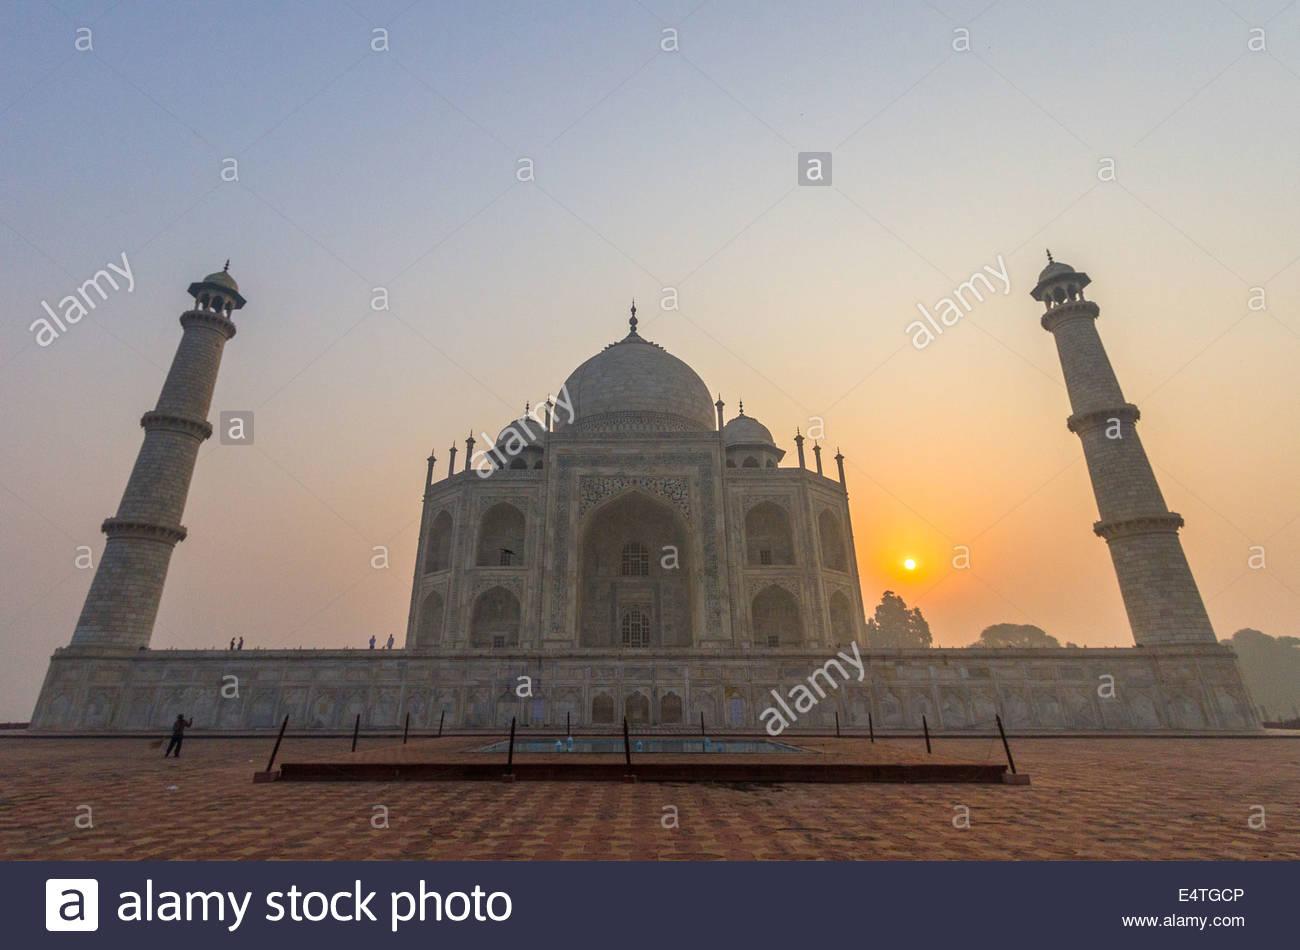 Al amanecer, el Taj Mahal, en Agra, India Imagen De Stock